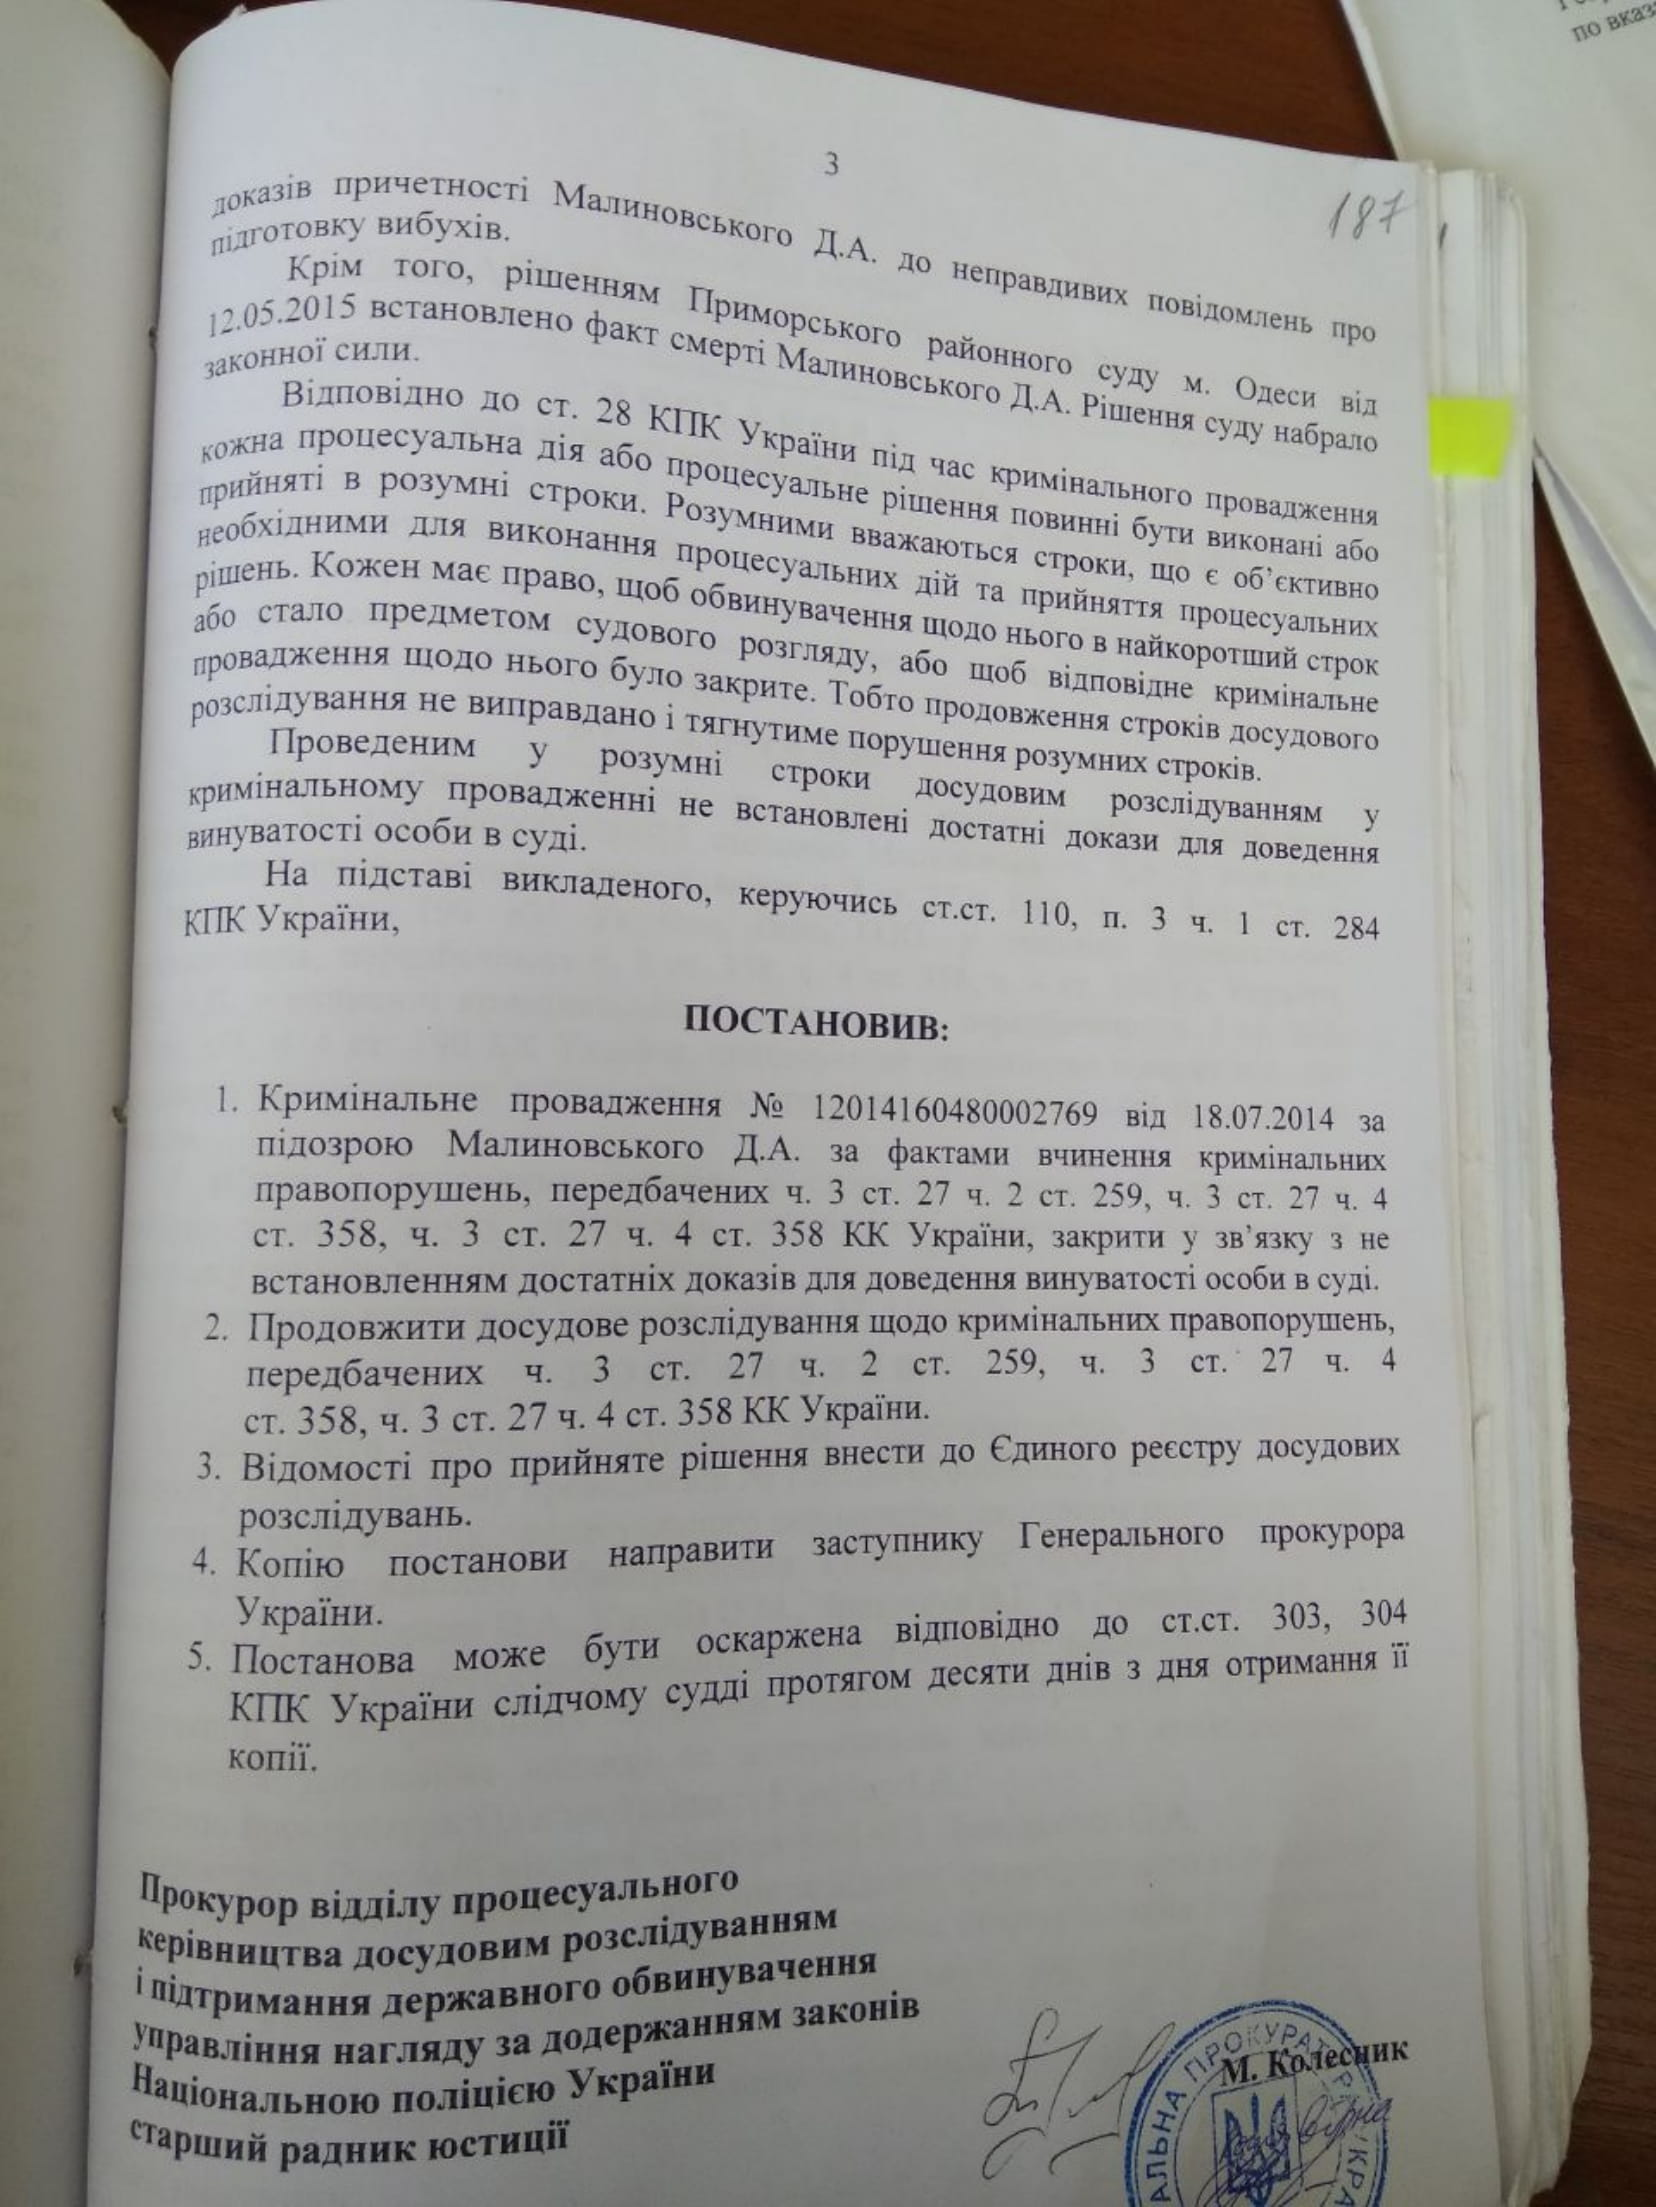 Уголовное производство по подозрению в подделывании документов закрыли